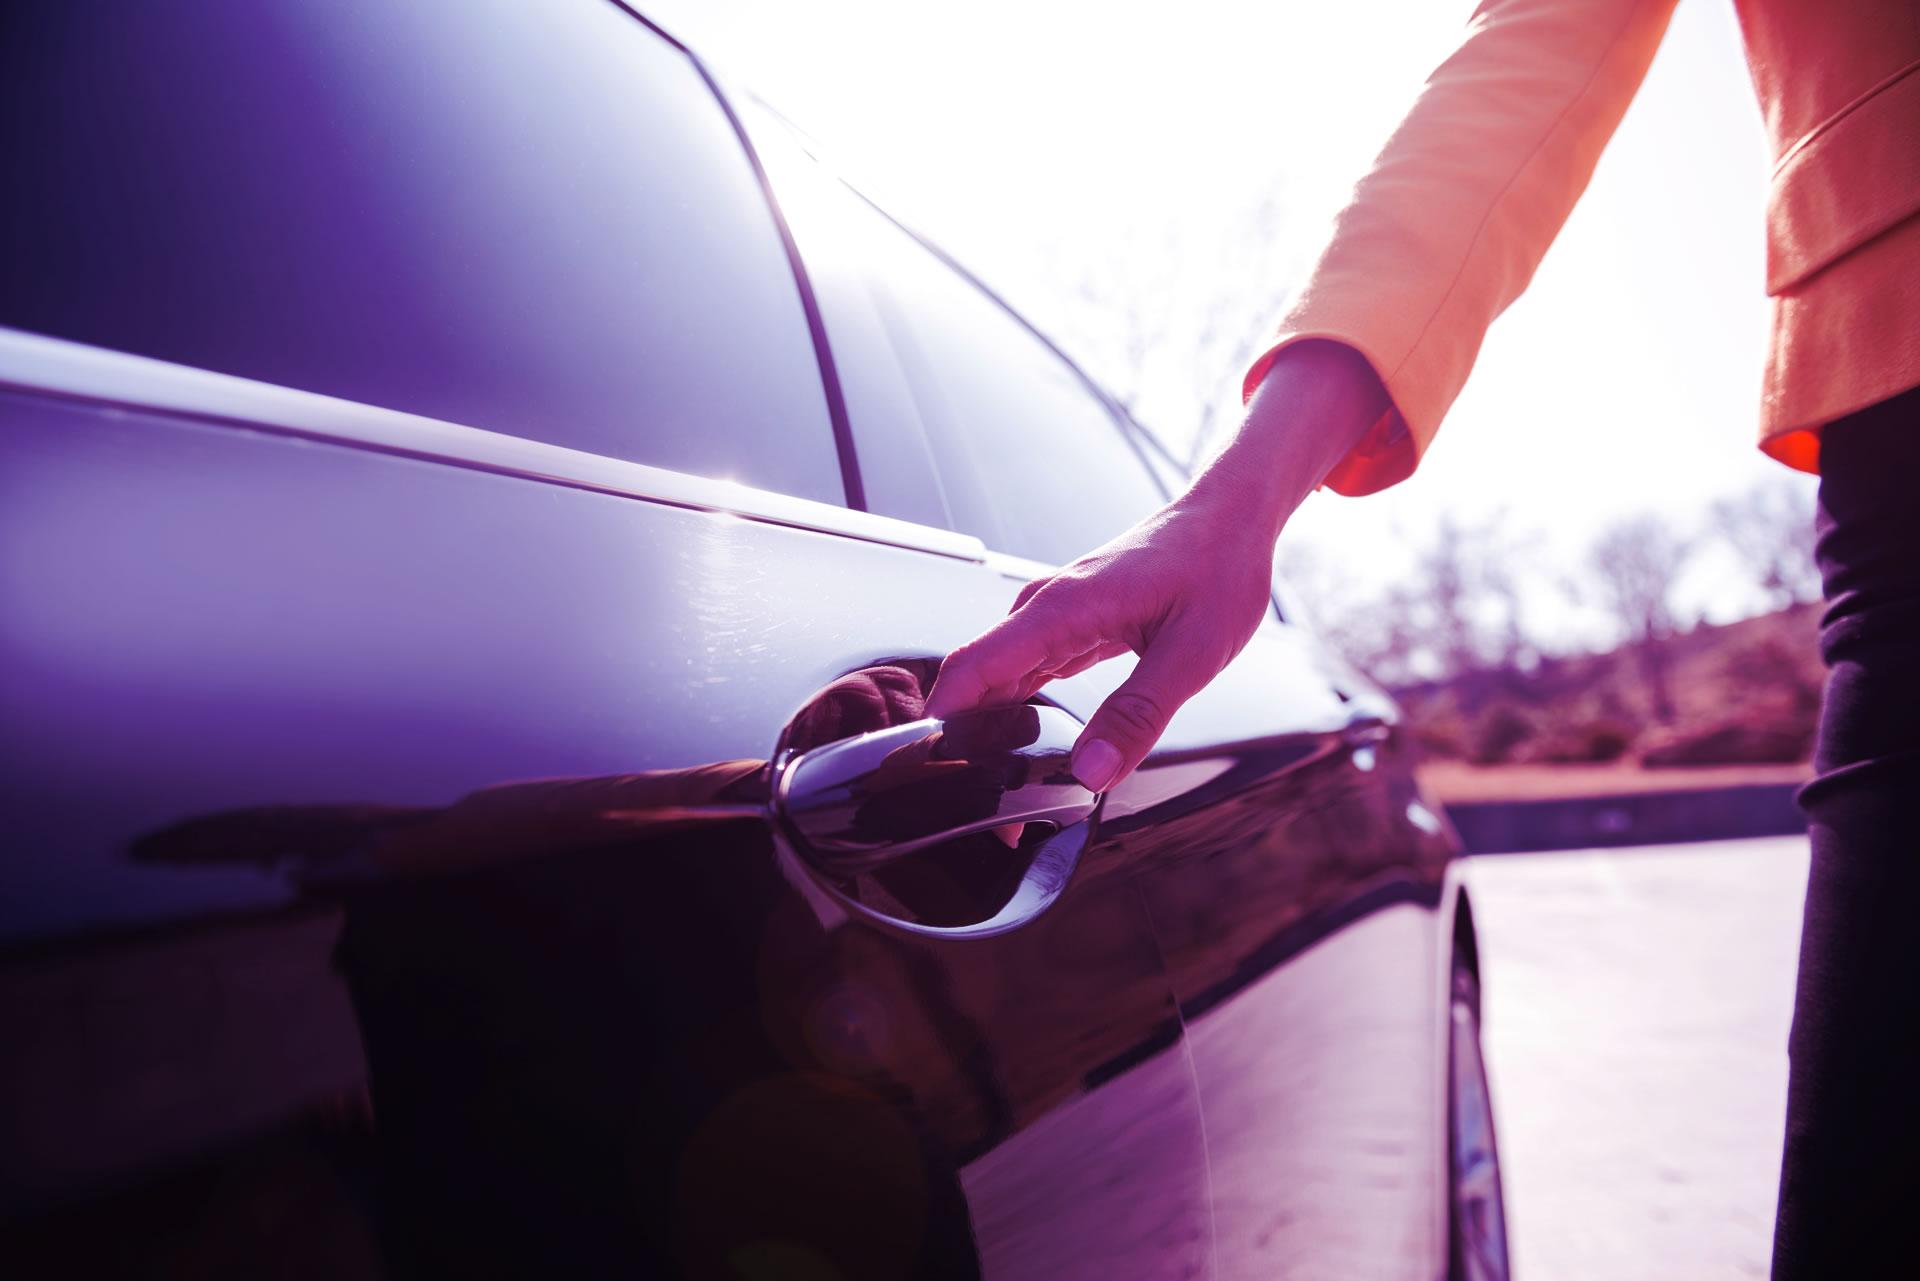 Ouverture du véhicule en libre-service